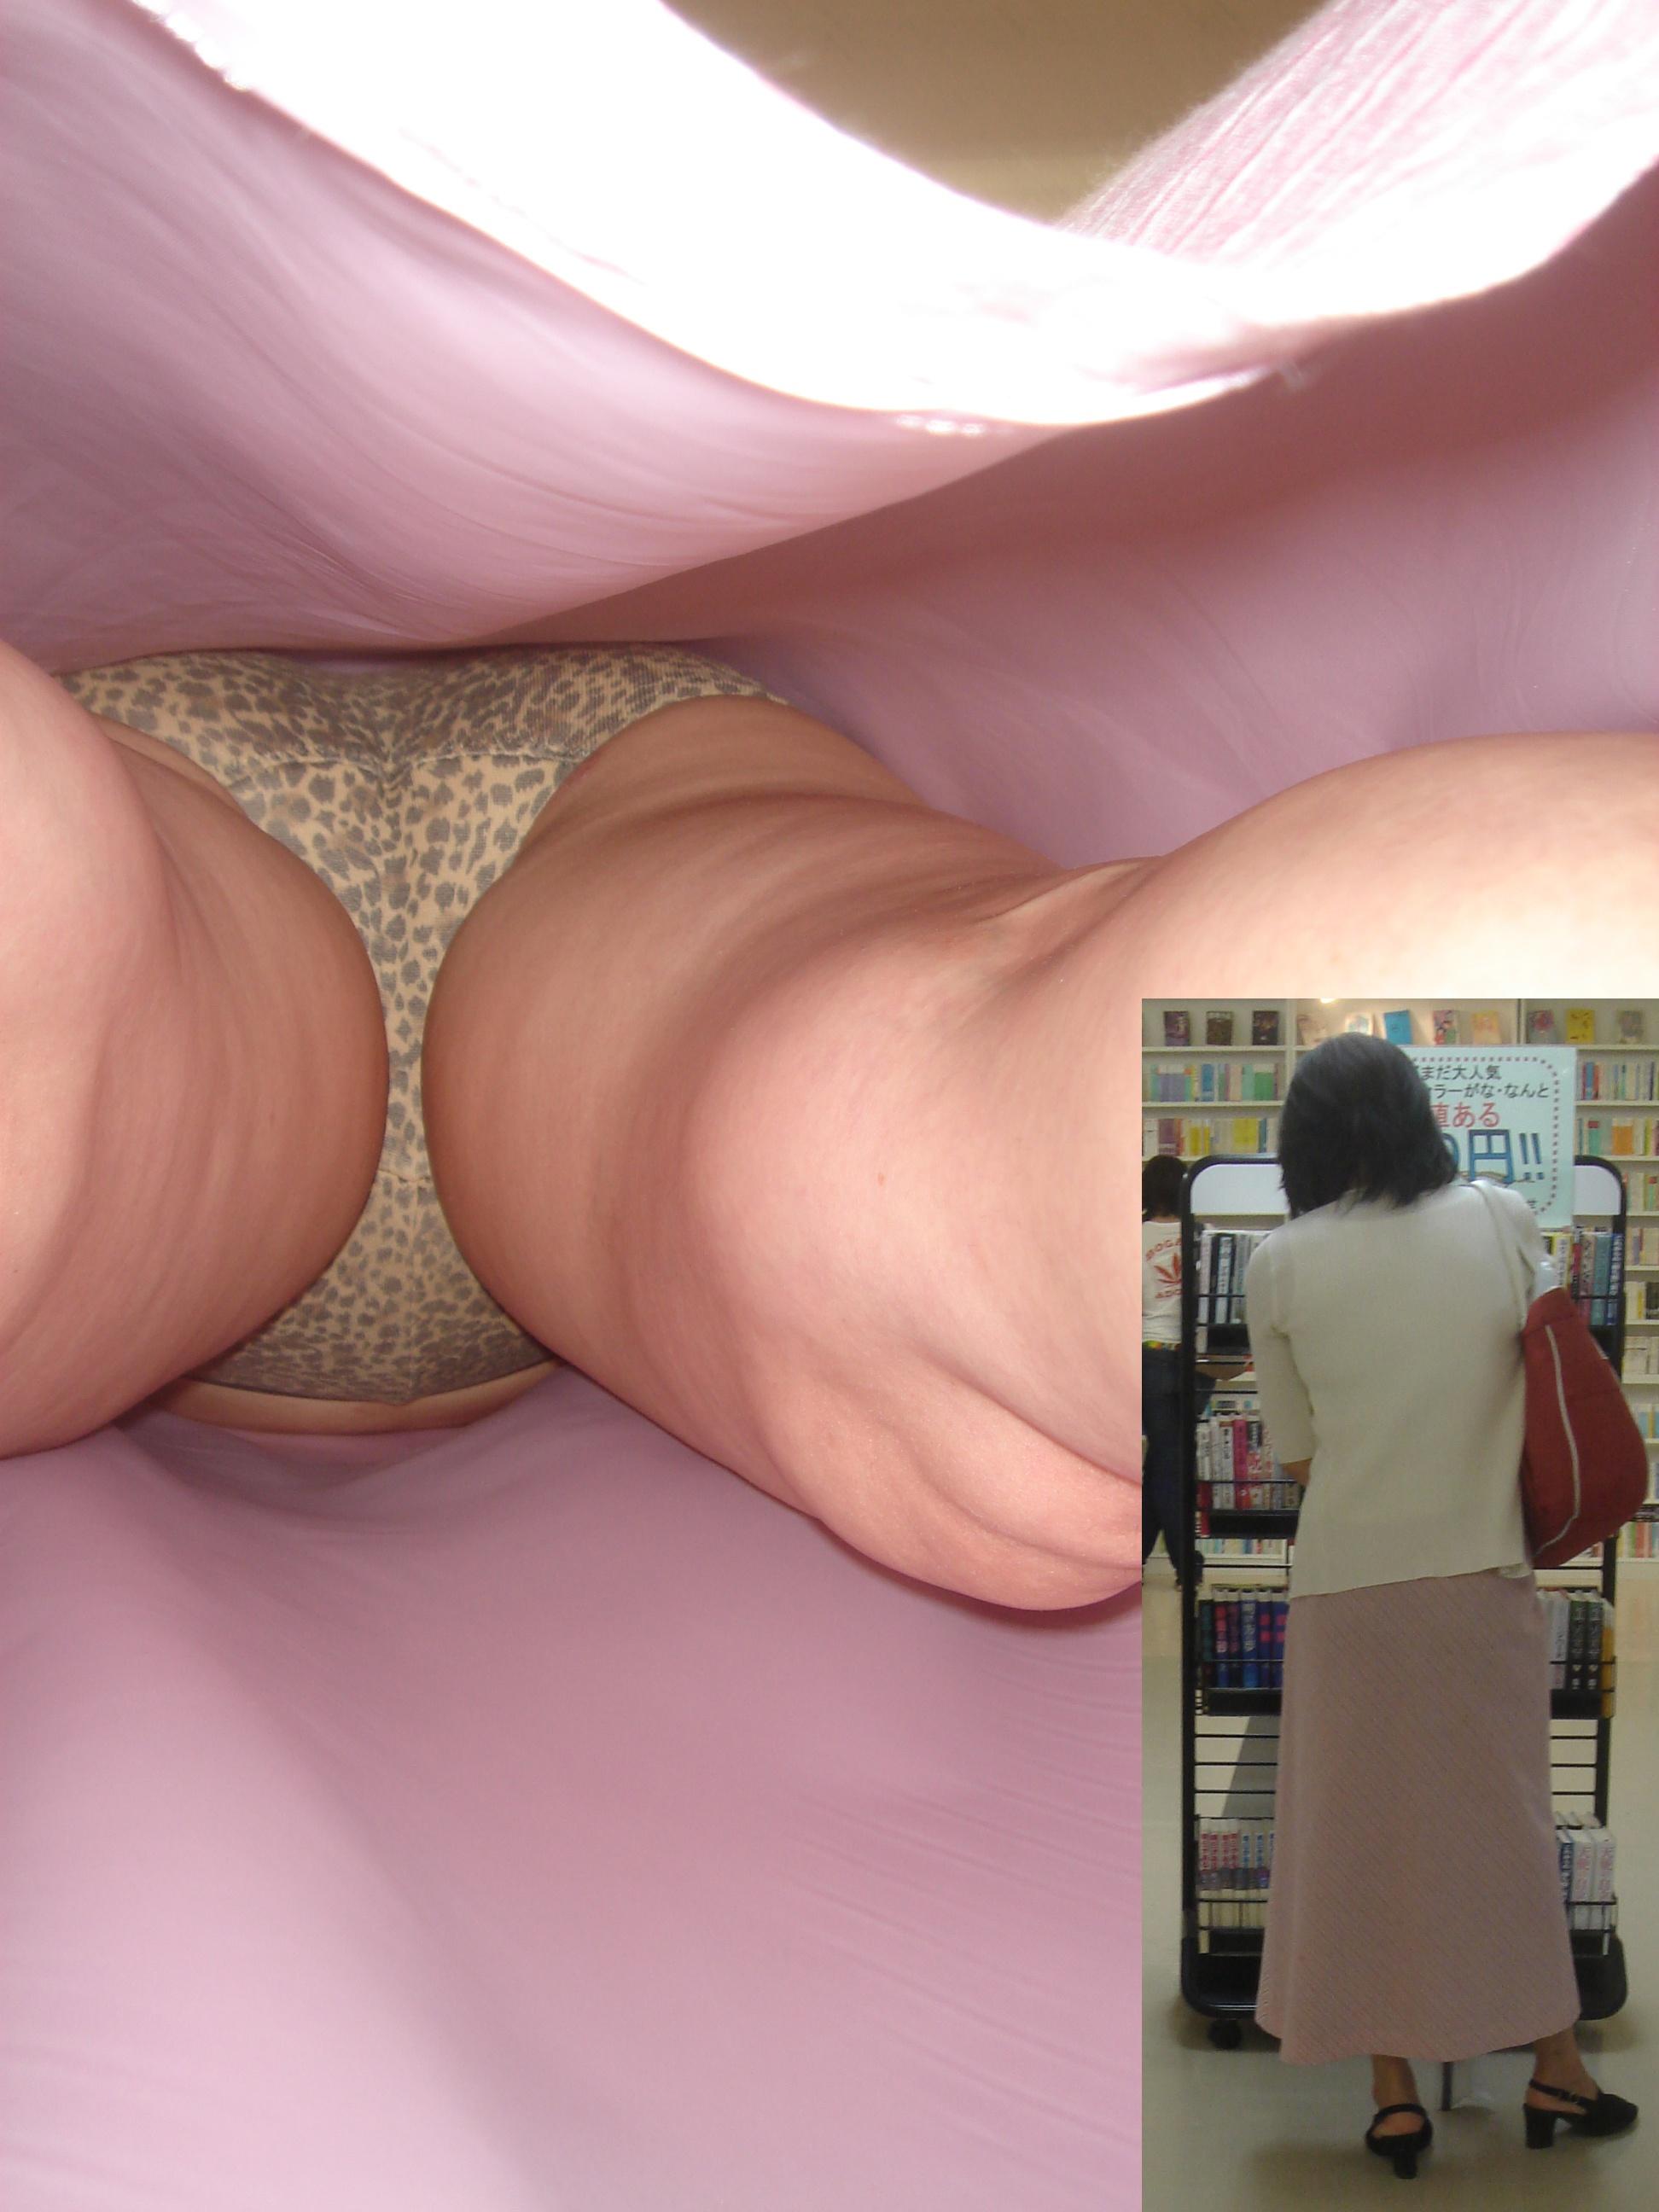 【パンチラエロ画像】真下からもらった!隙を逃さぬ下着逆さ撮り(;゚Д゚)